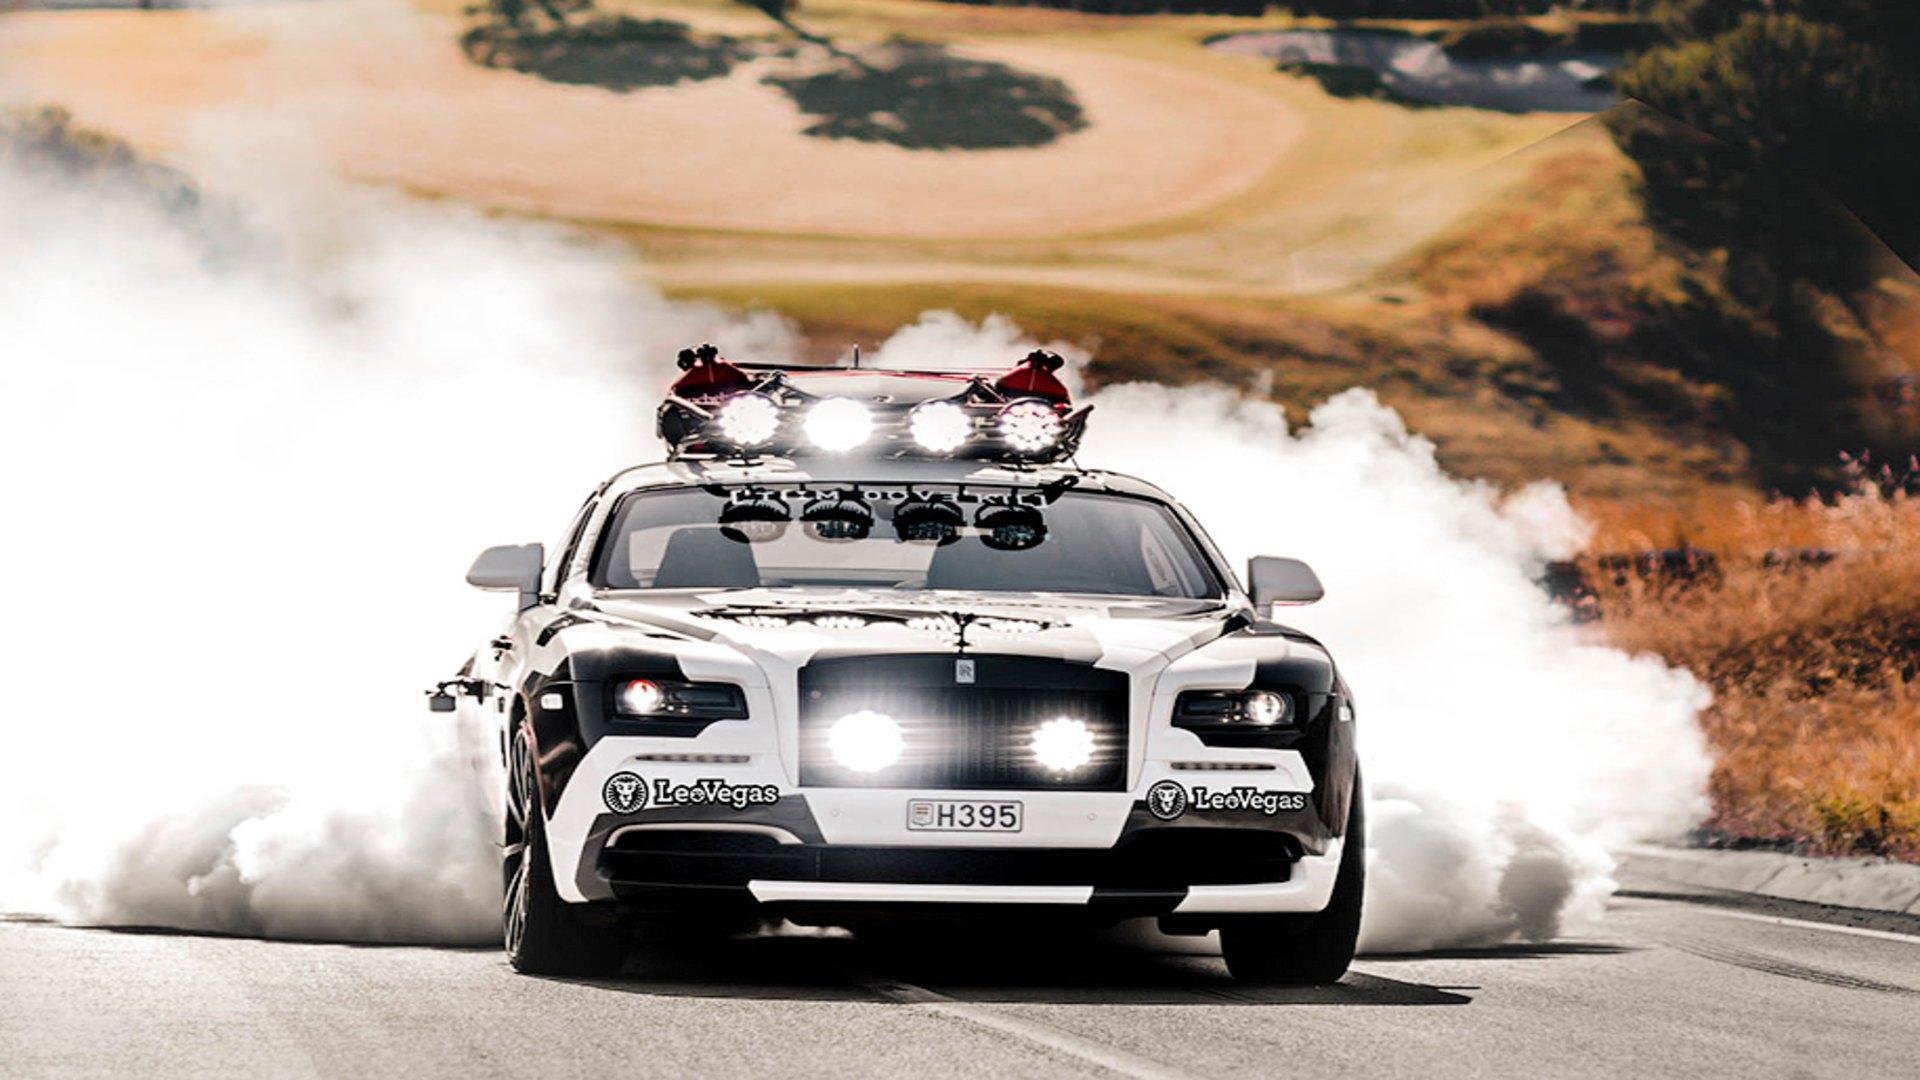 Неповторимое купе Роллс Ройс Wraith выставили на реализацию вНидерландах